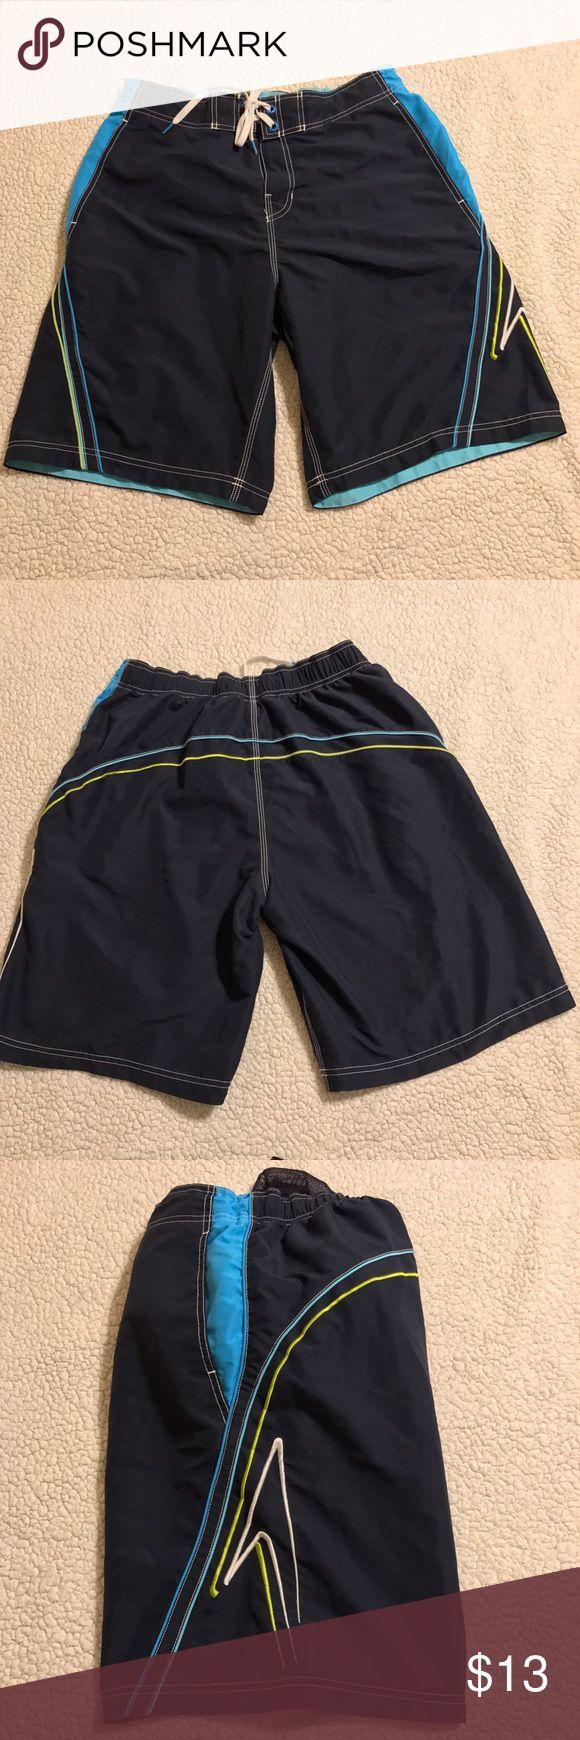 """Speedo SWIM Trunks Navy & Blue MESH Lined Mens Speedo SWIM Trunks Board Shorts Large Navy & Blue MESH Lined L inseam 10.5"""" Speedo Swim Swim Trunks"""